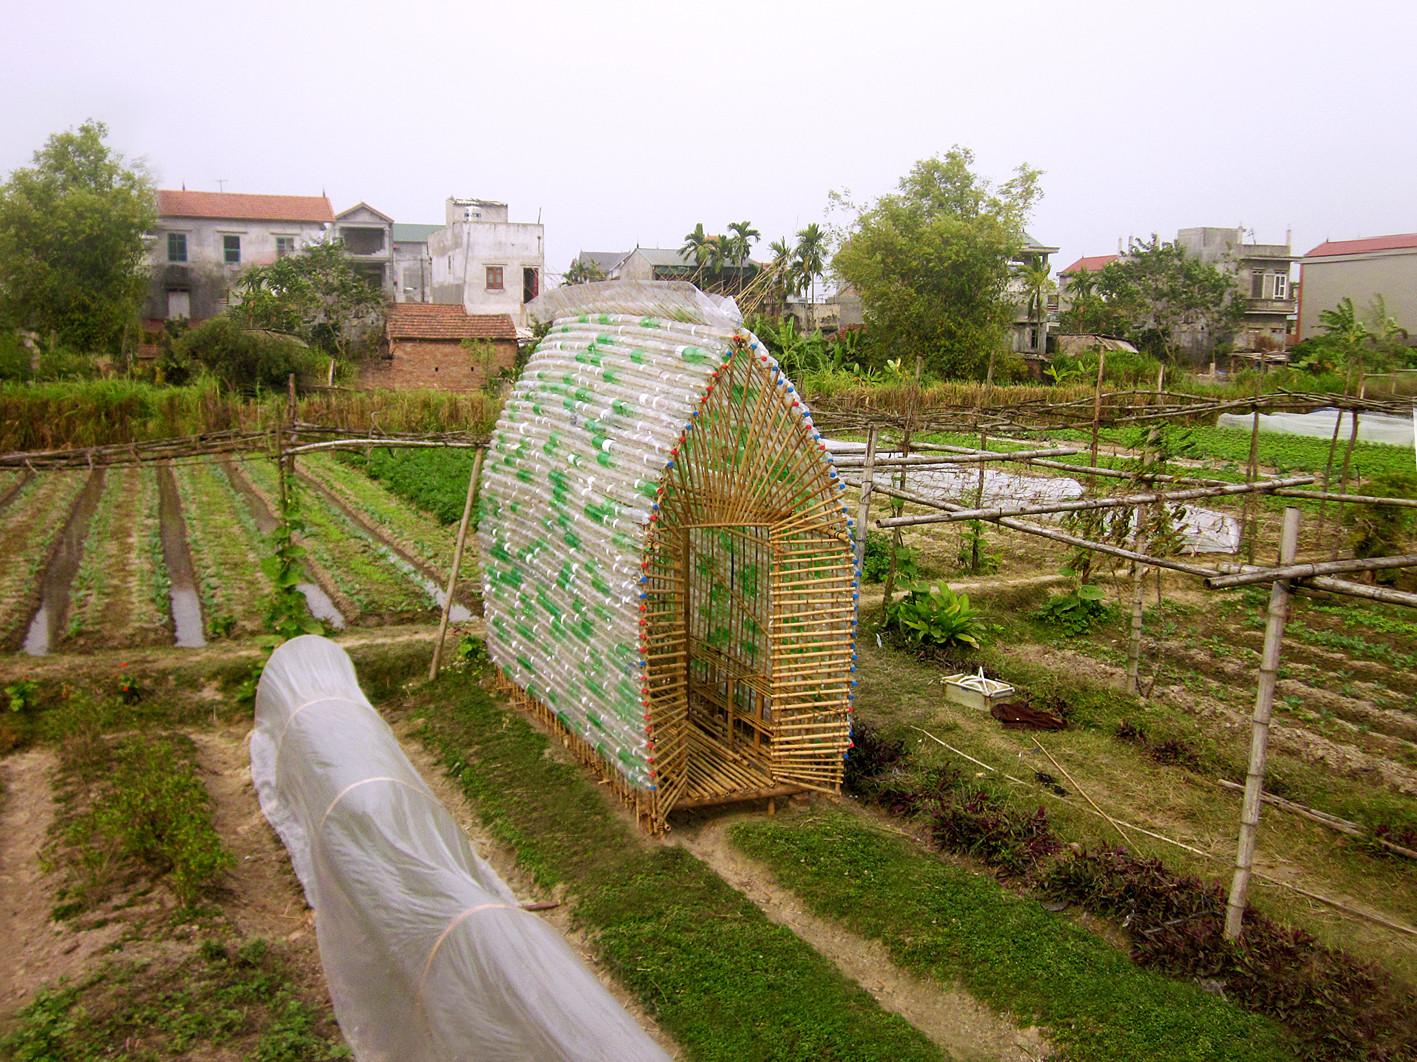 Gallery Of Vegetable Nursery House 1 2 International